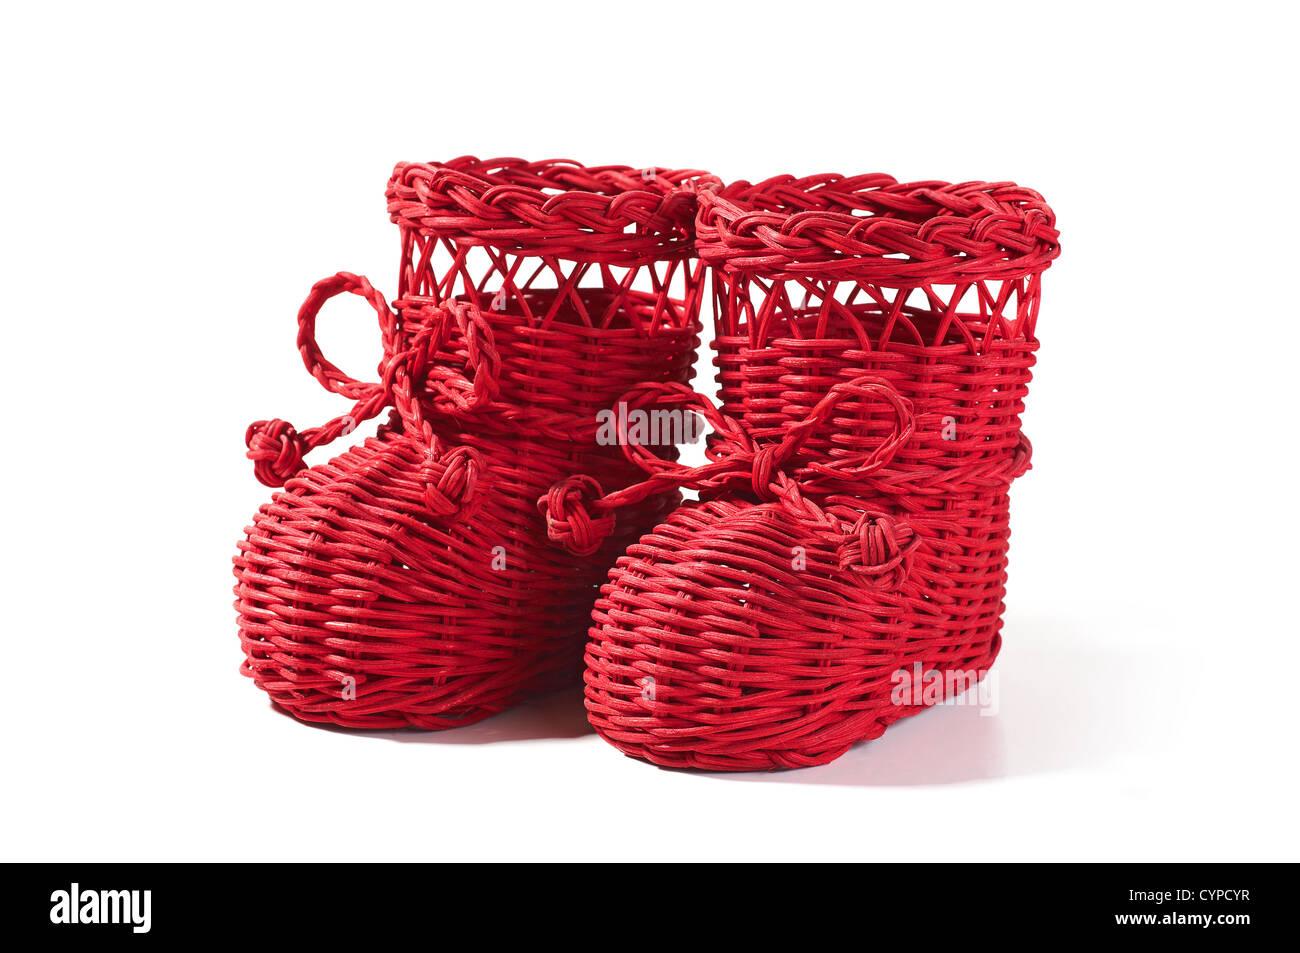 Il tiglio scarpe isolato su bianco Immagini Stock Il tiglio scarpe isolato  su bianco. CYPCYR (RF). Il tiglio modello di calzatura. Russian folk  nazionale ... f7d1a73d367